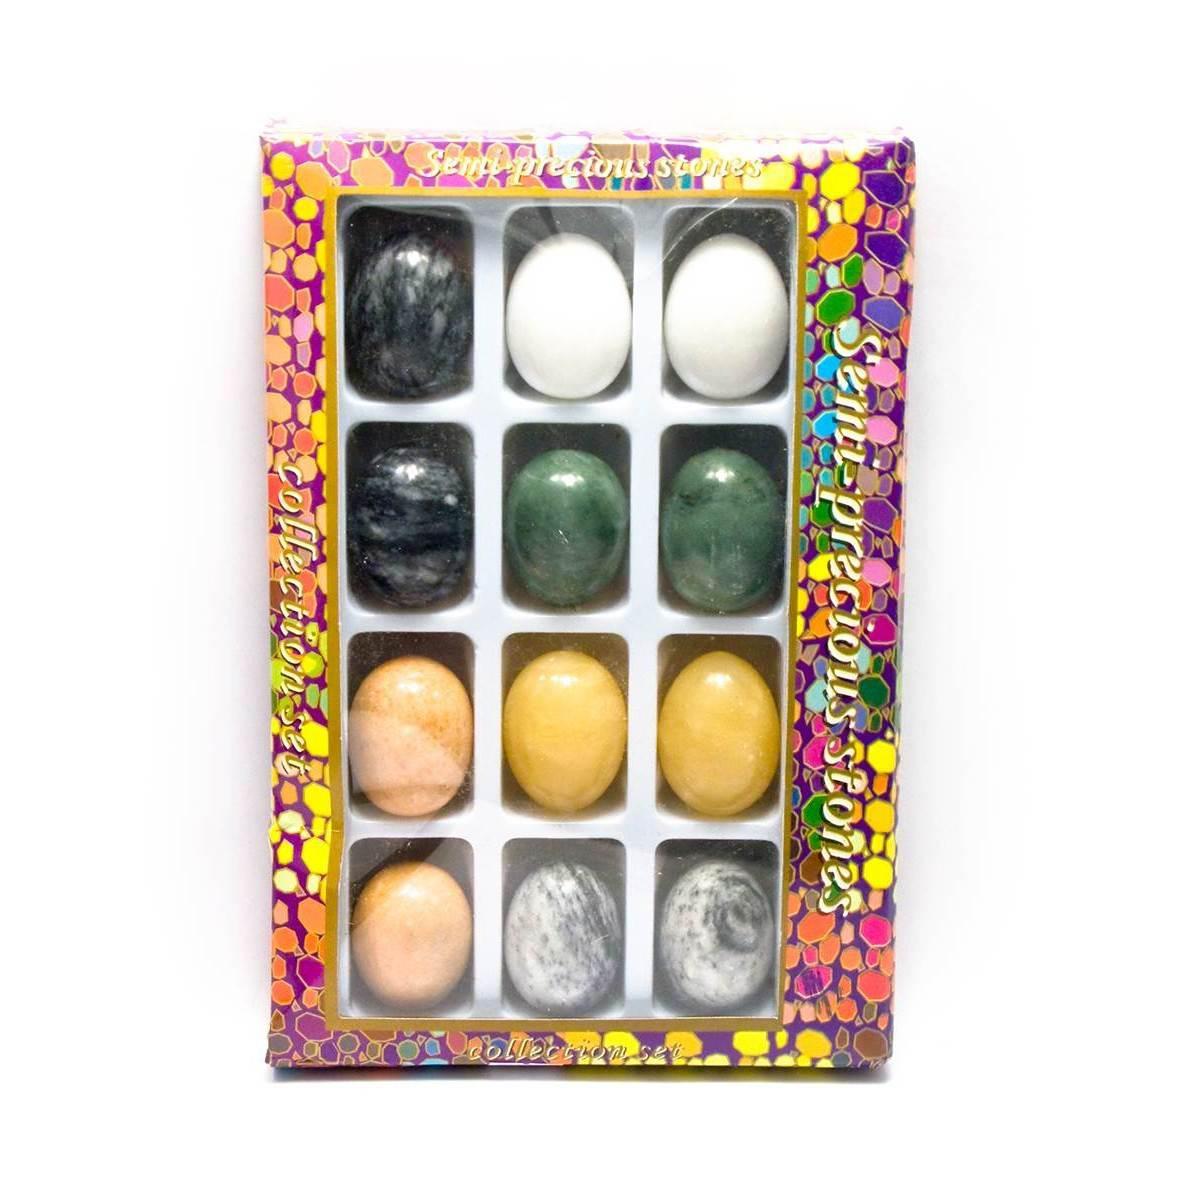 Набор натуральный камней в форме яйца 12 шт